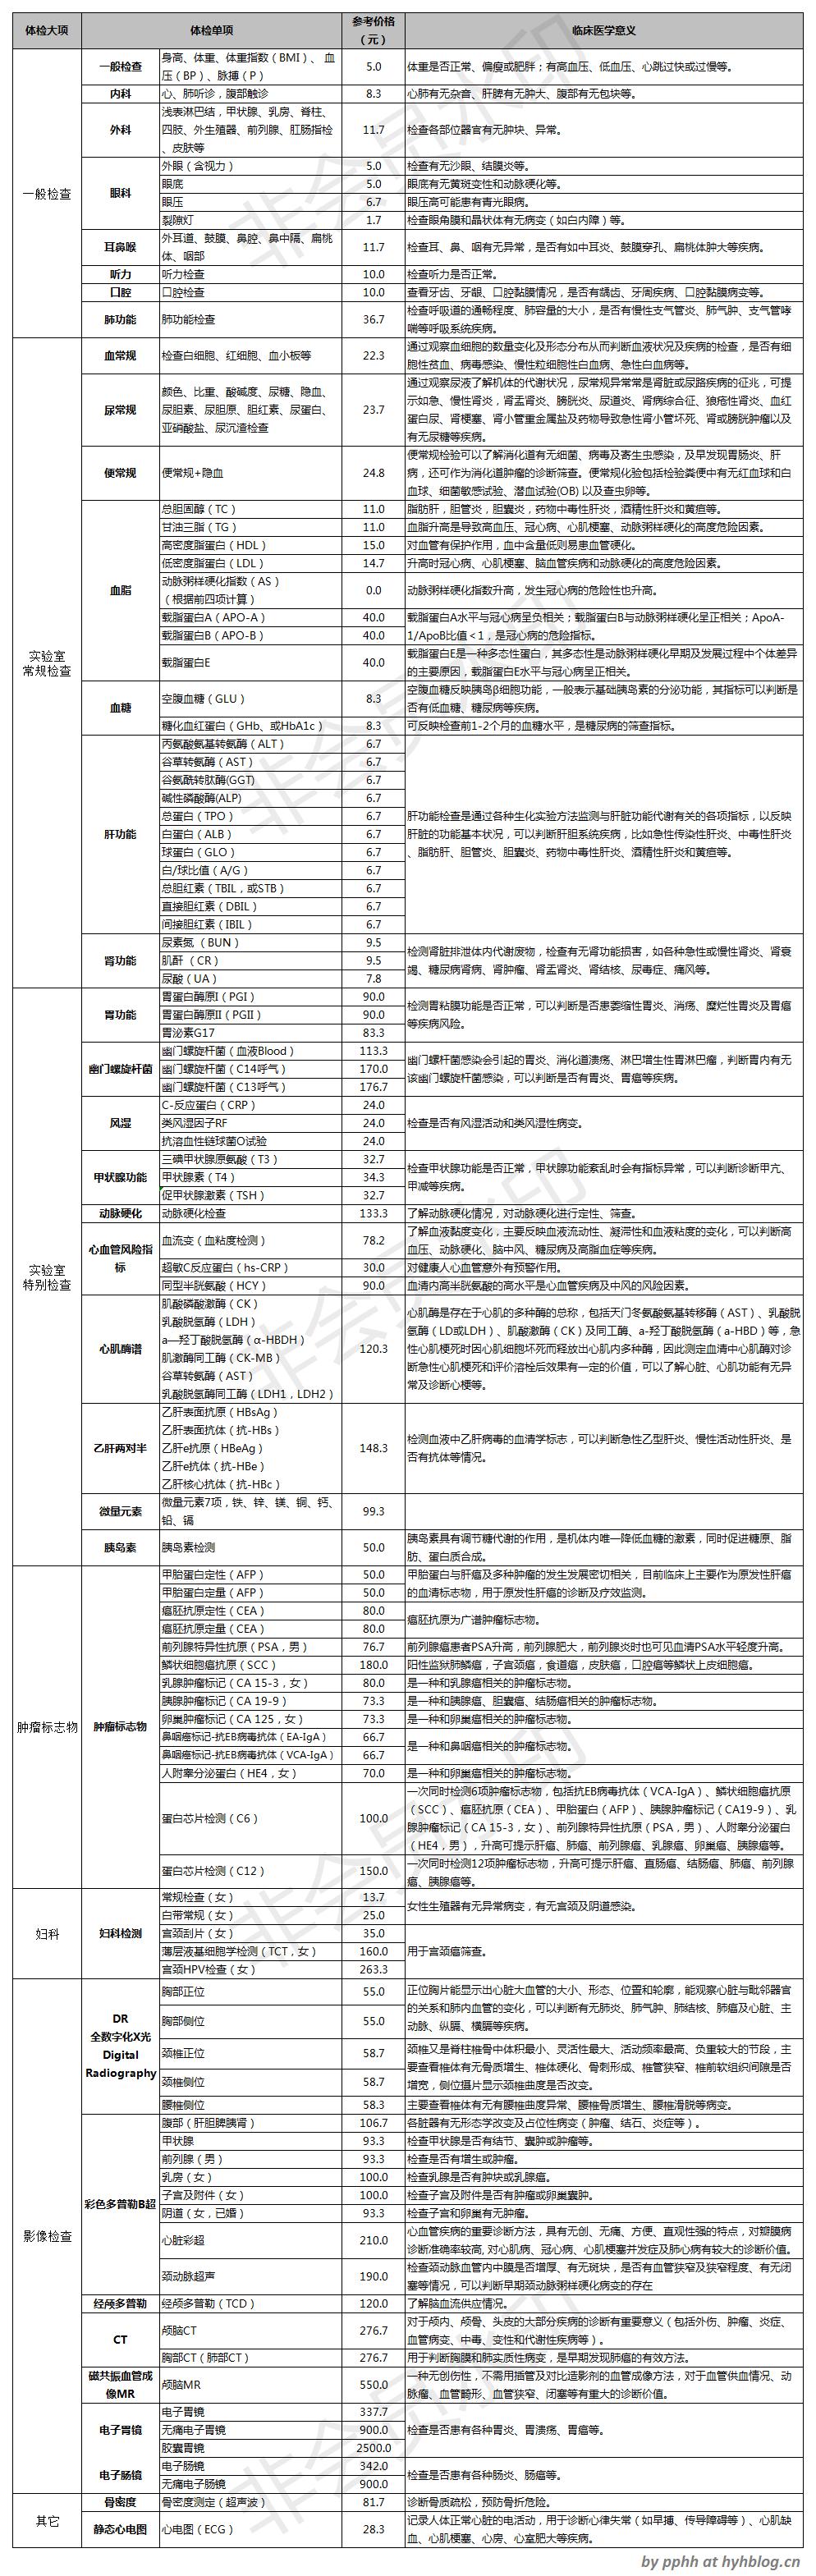 体检检测项完整列表-v5